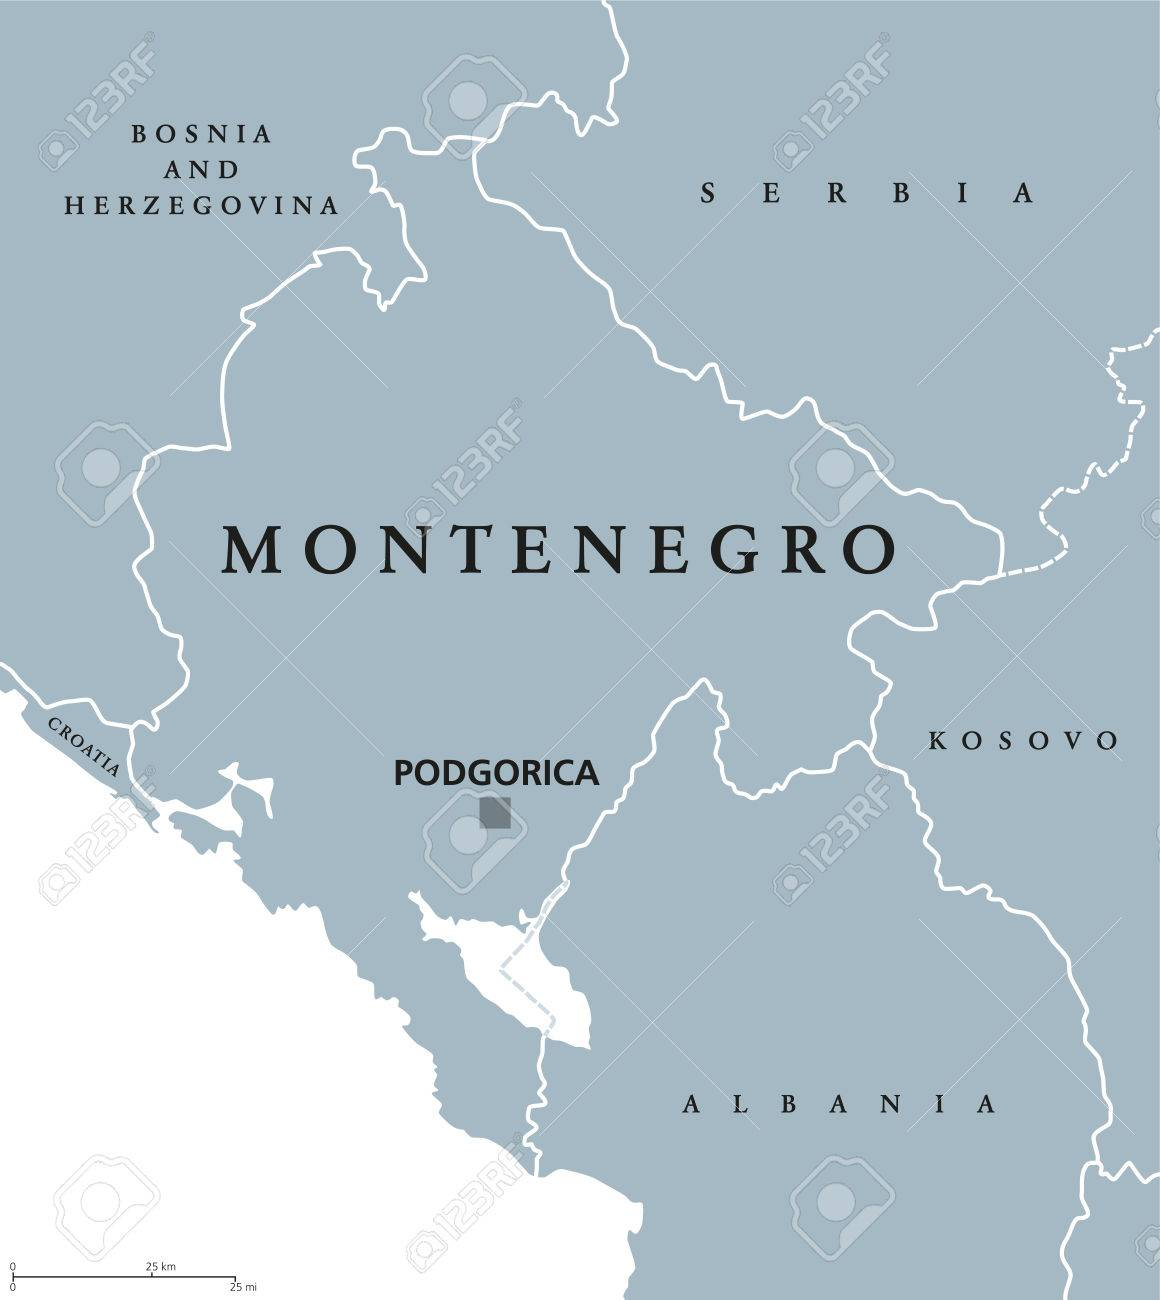 Carte Europe Grise.Carte Politique Du Montenegro Avec Podgorica Et Pays Voisins Etat Souverain Dans L Europe Du Sud Est De La Peninsule Balkanique Illustration Grise